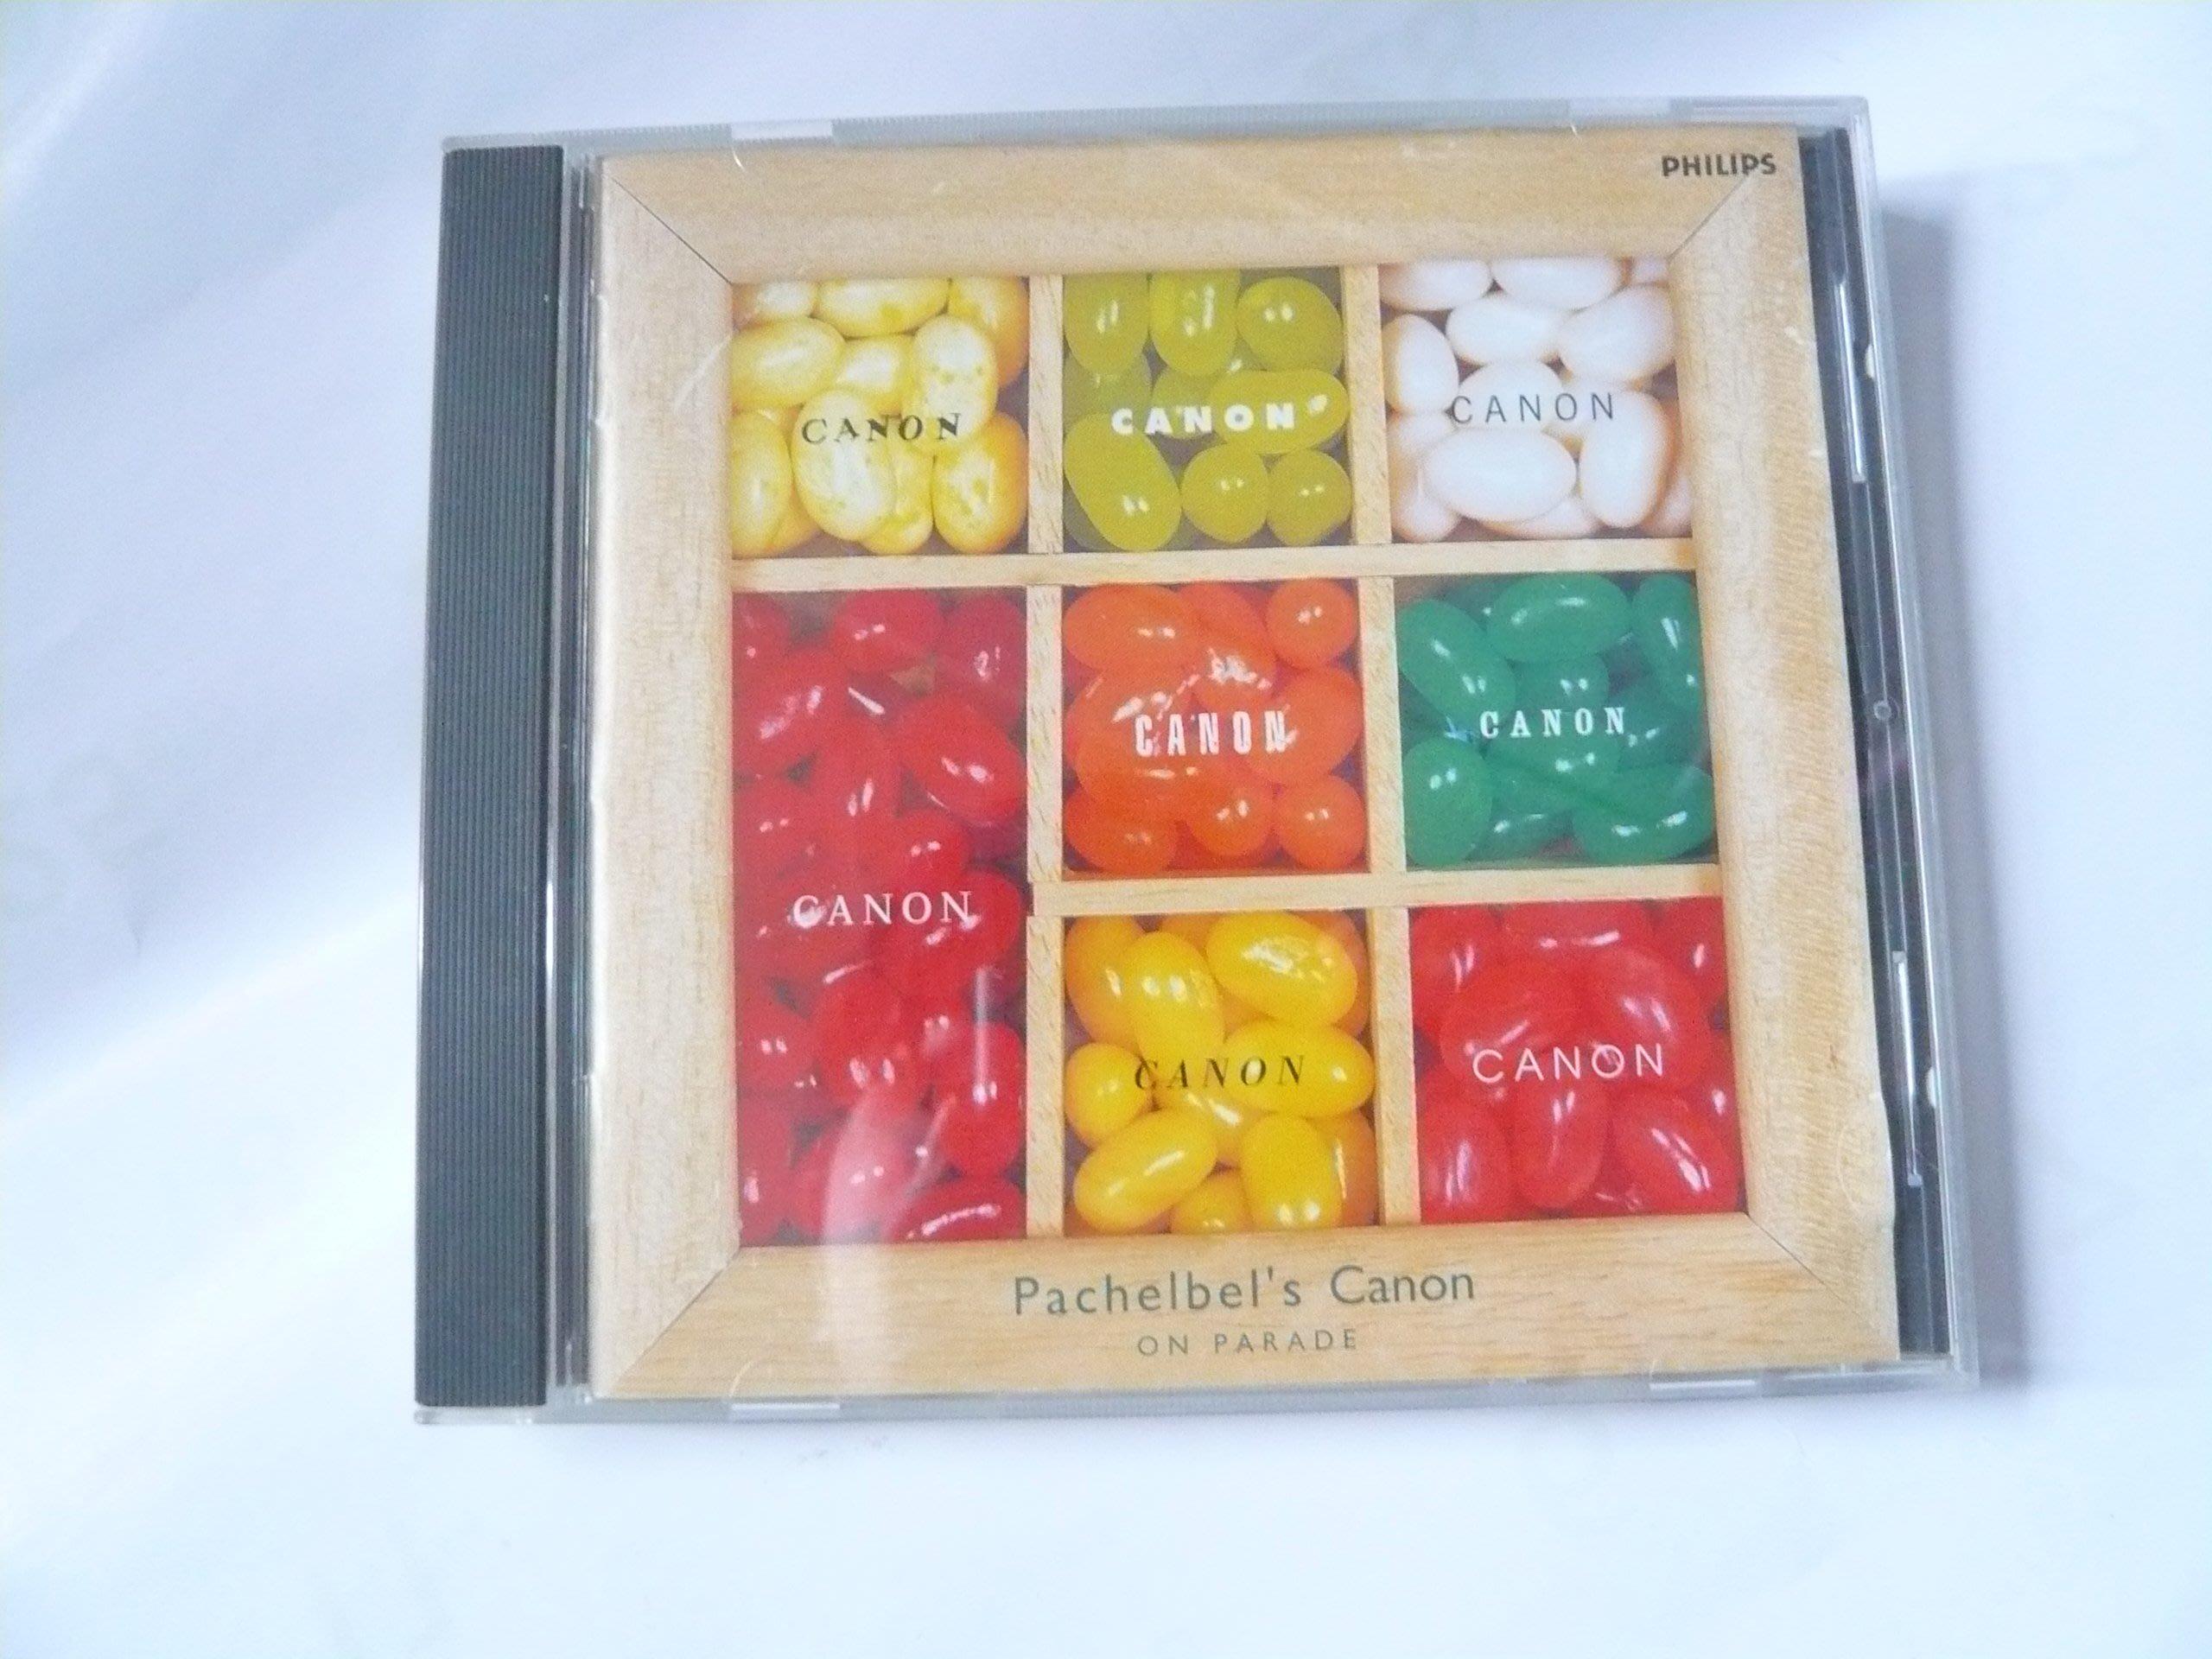 絕版古典CD 日本製 Pachelbel's Canon On Parade卡農 結婚時婚禮音樂11曲 室內管弦樂團